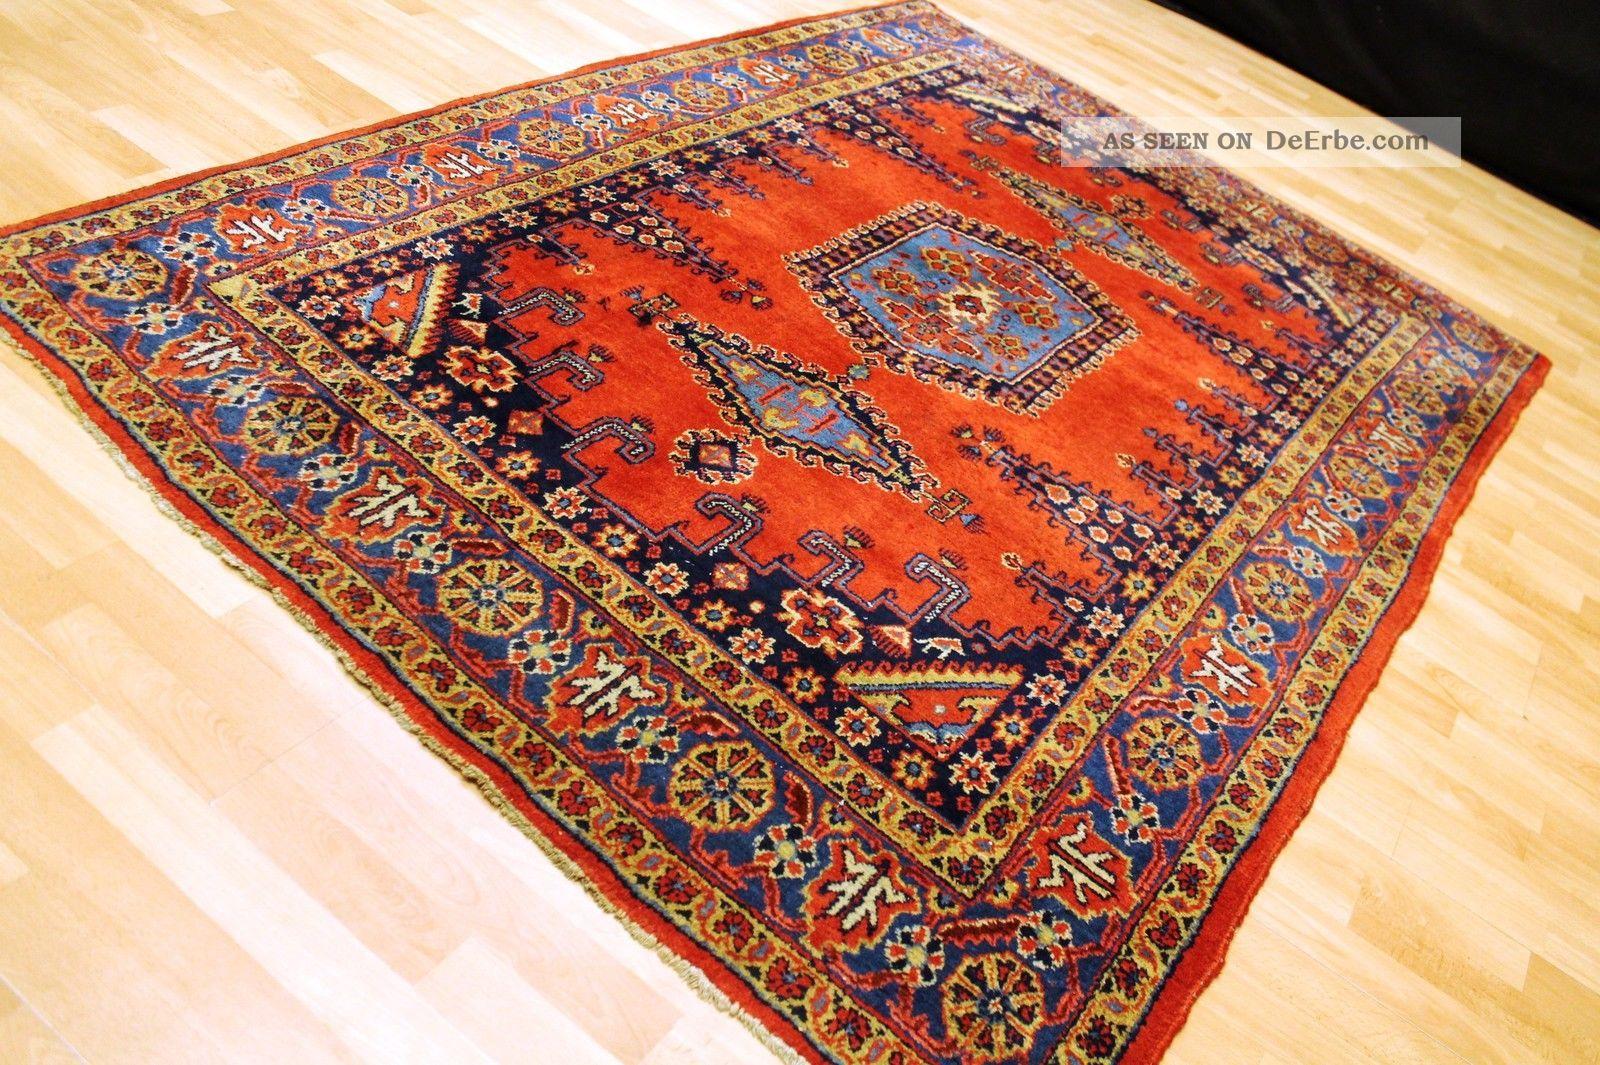 Alter Antiker Wiss 225×160 Cm Heriz Orient Teppich Galerie